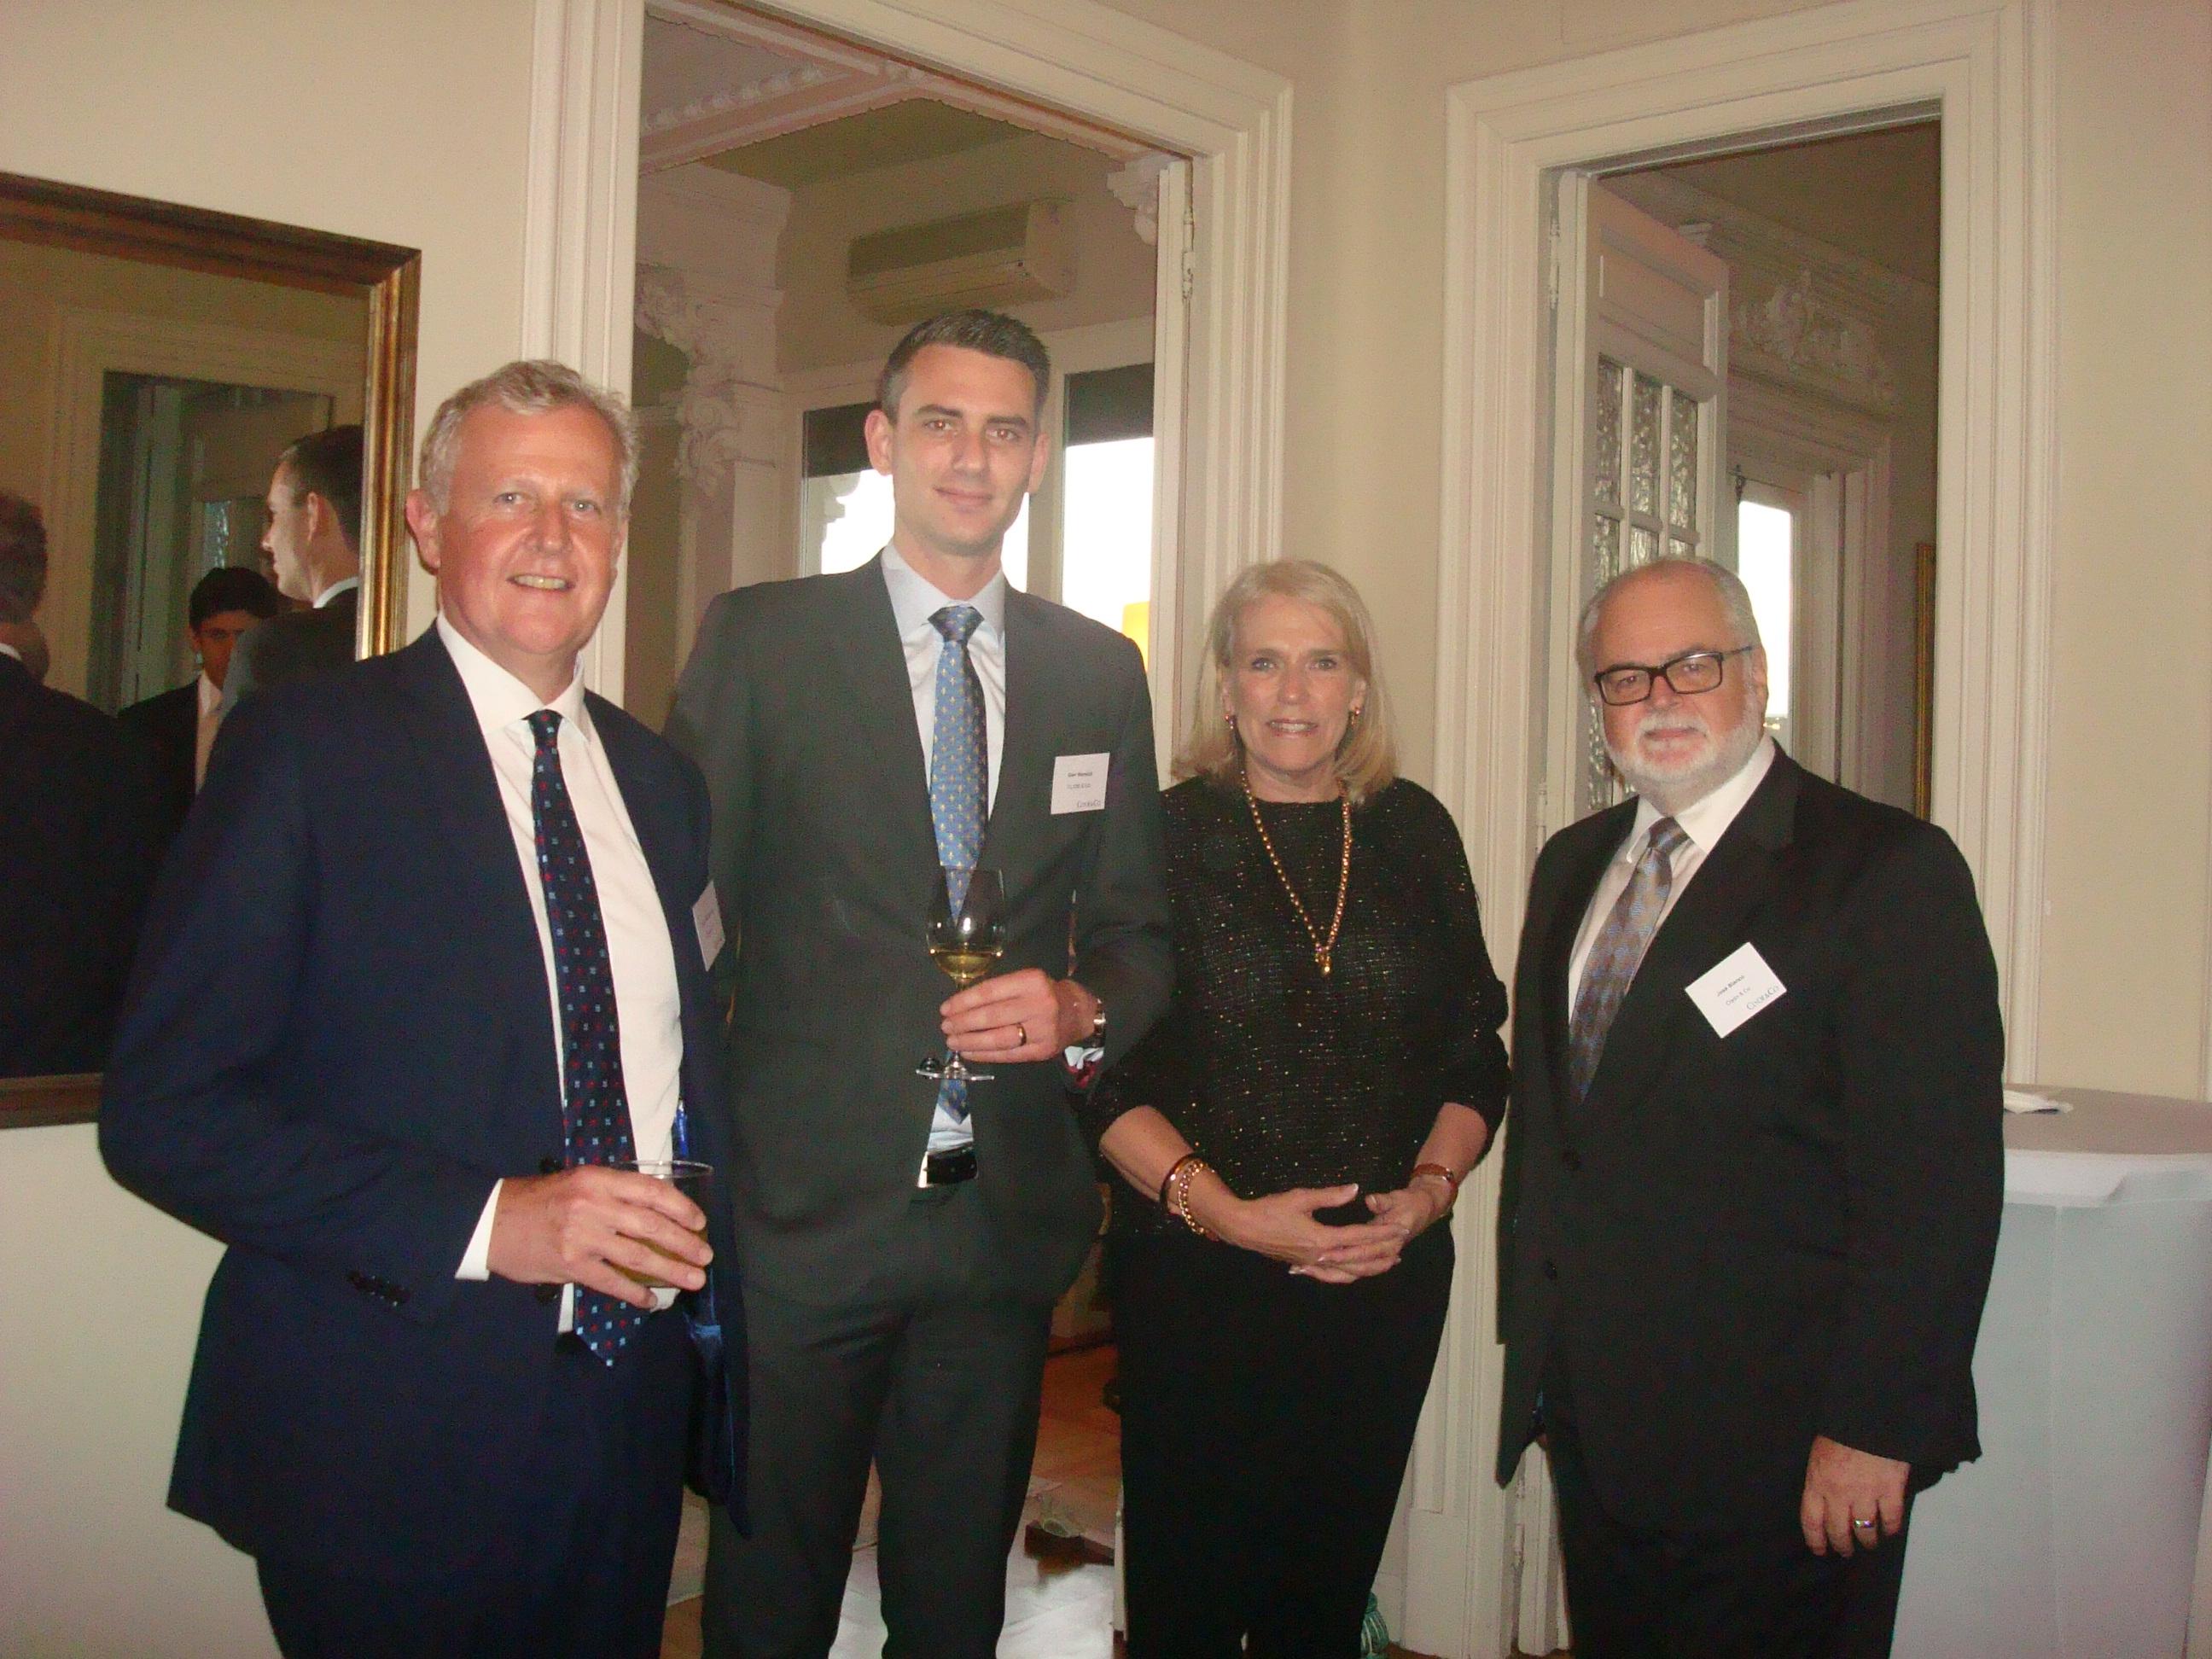 Fotos del cocktail del 25 de octubre celebrado en la residencia de la Embajadora de Australia y organizado conjuntamente entre Clyde &Co y ASBA